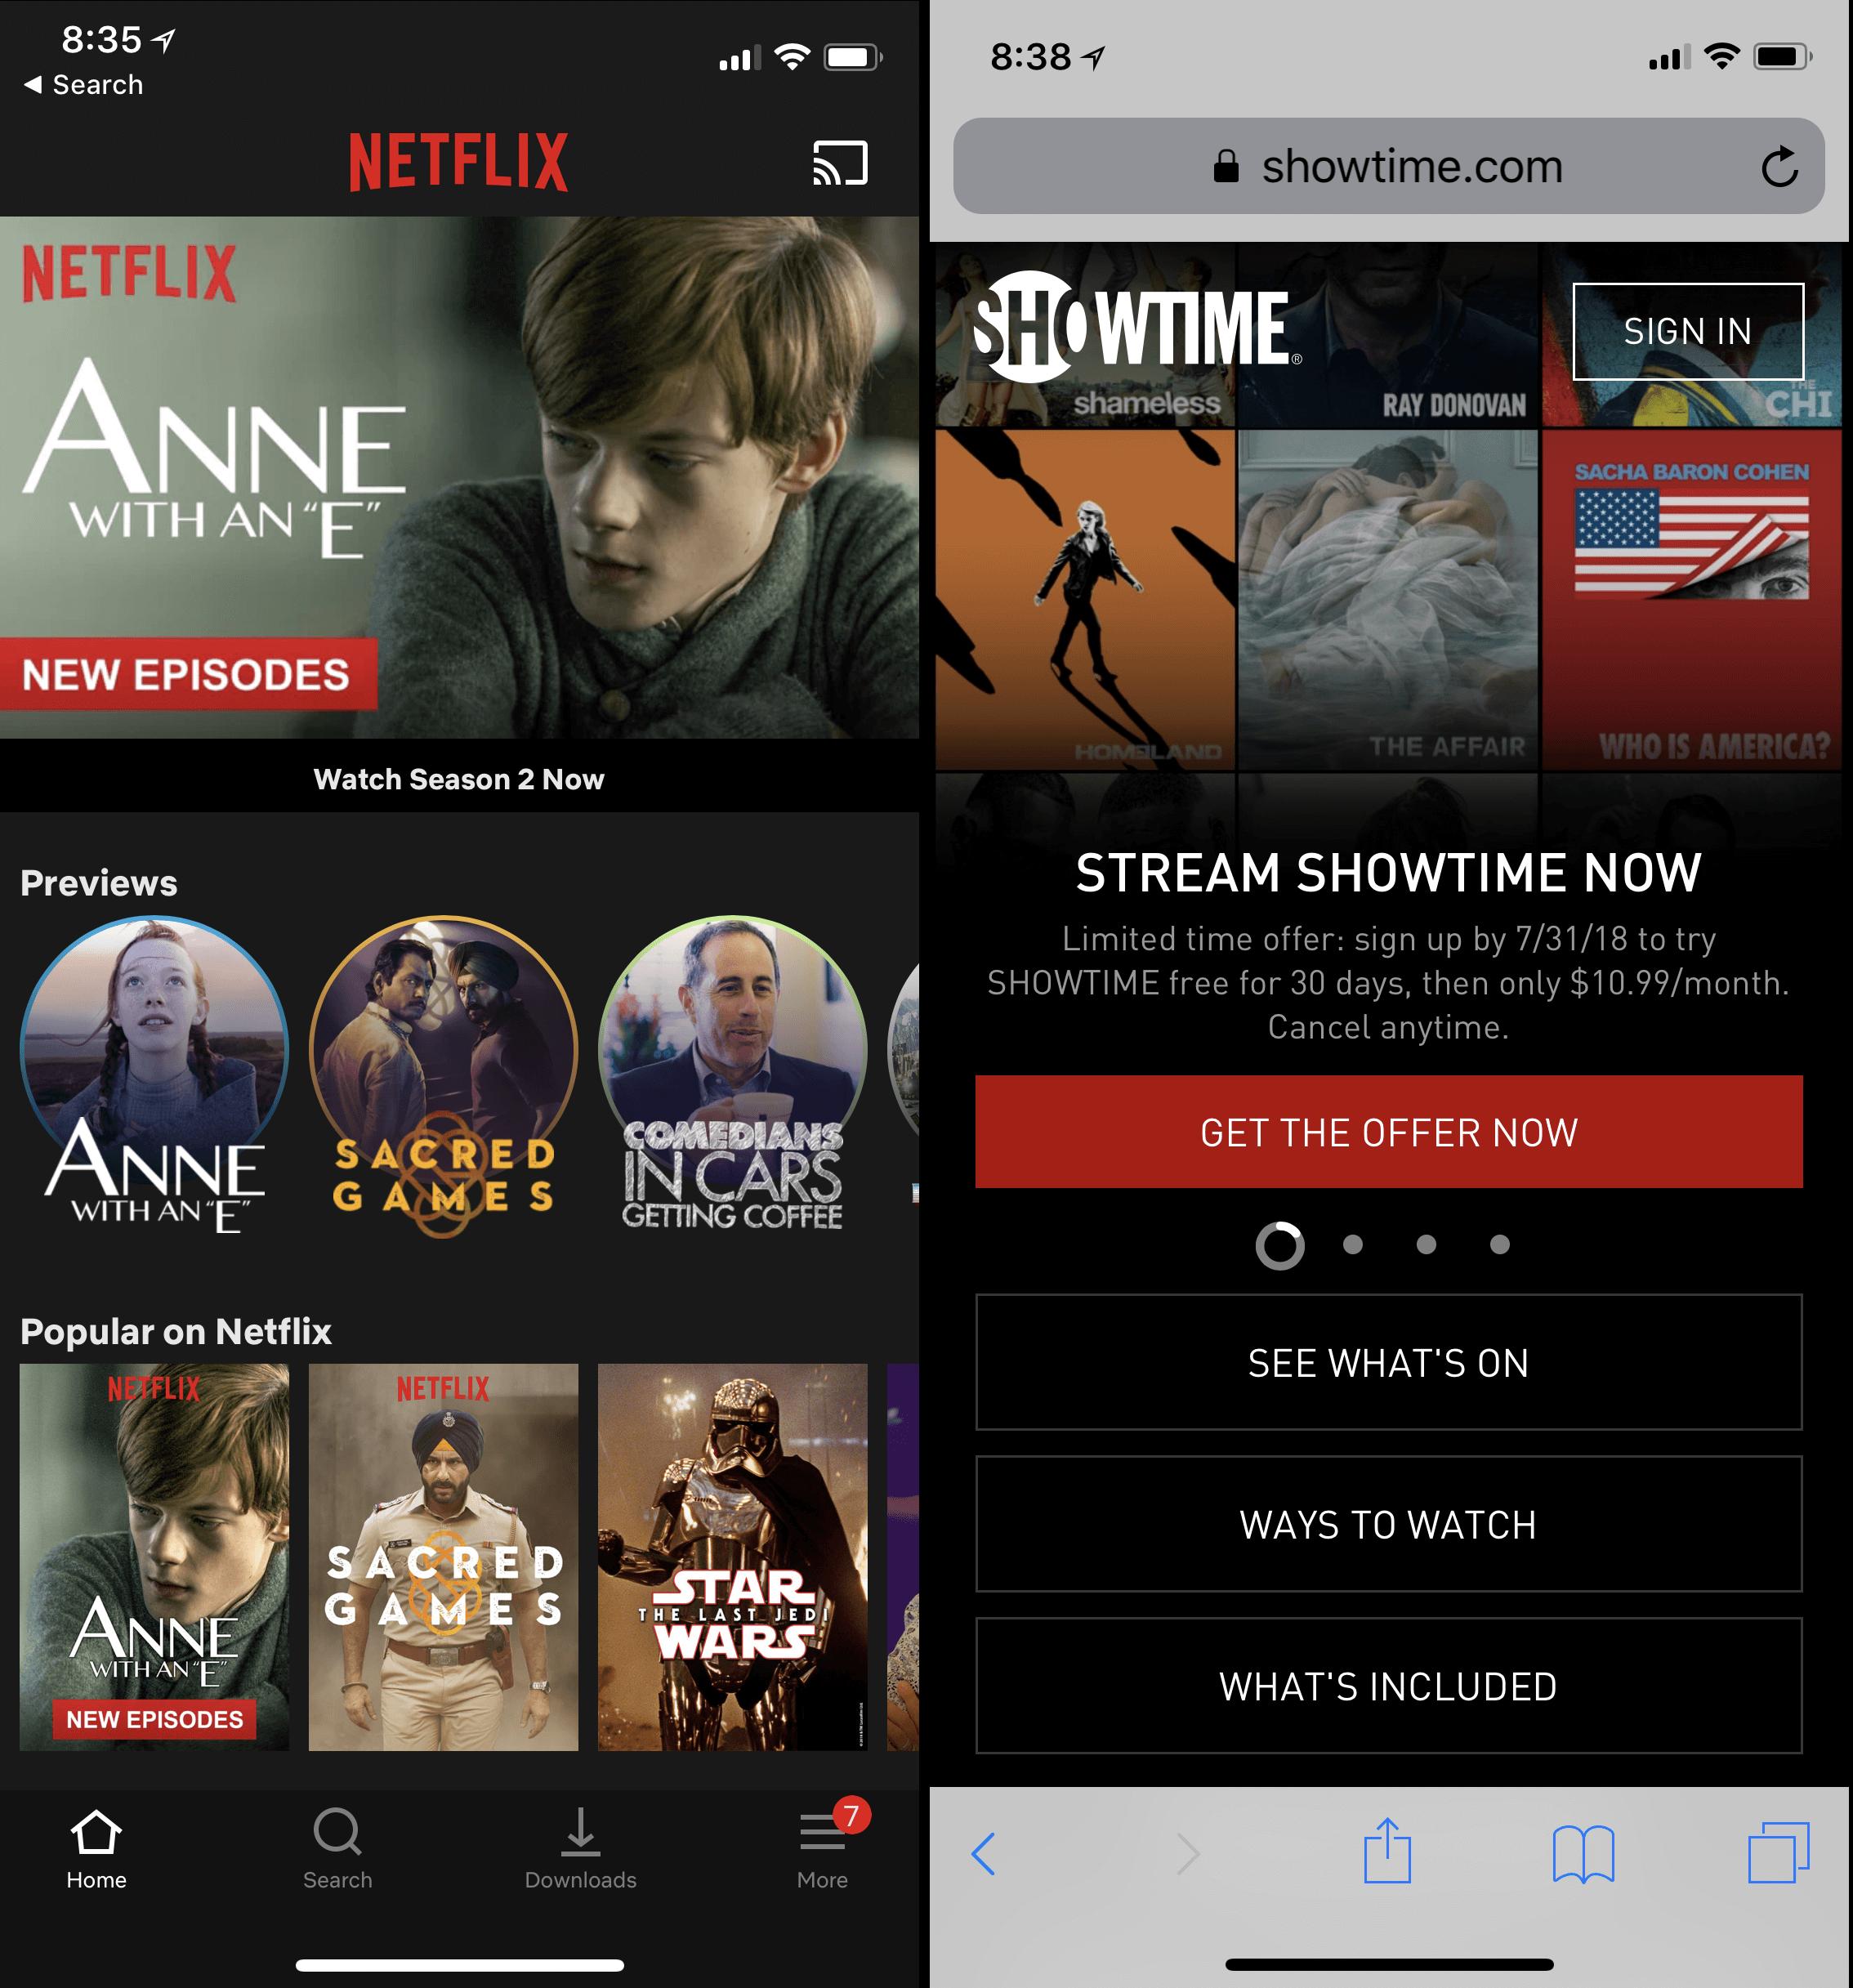 Netflix для iPhone (слева) использовал карусели для отображения длинных списков: в карусели «Популярно на Netflix» было больше 70 элементов и пользователям требовалось прокручивать карусель более 23 раз, чтобы добраться до последнего элемента. Напротив, Showtime.com (справа) правильно использовал только 4 элемента в своей карусели.